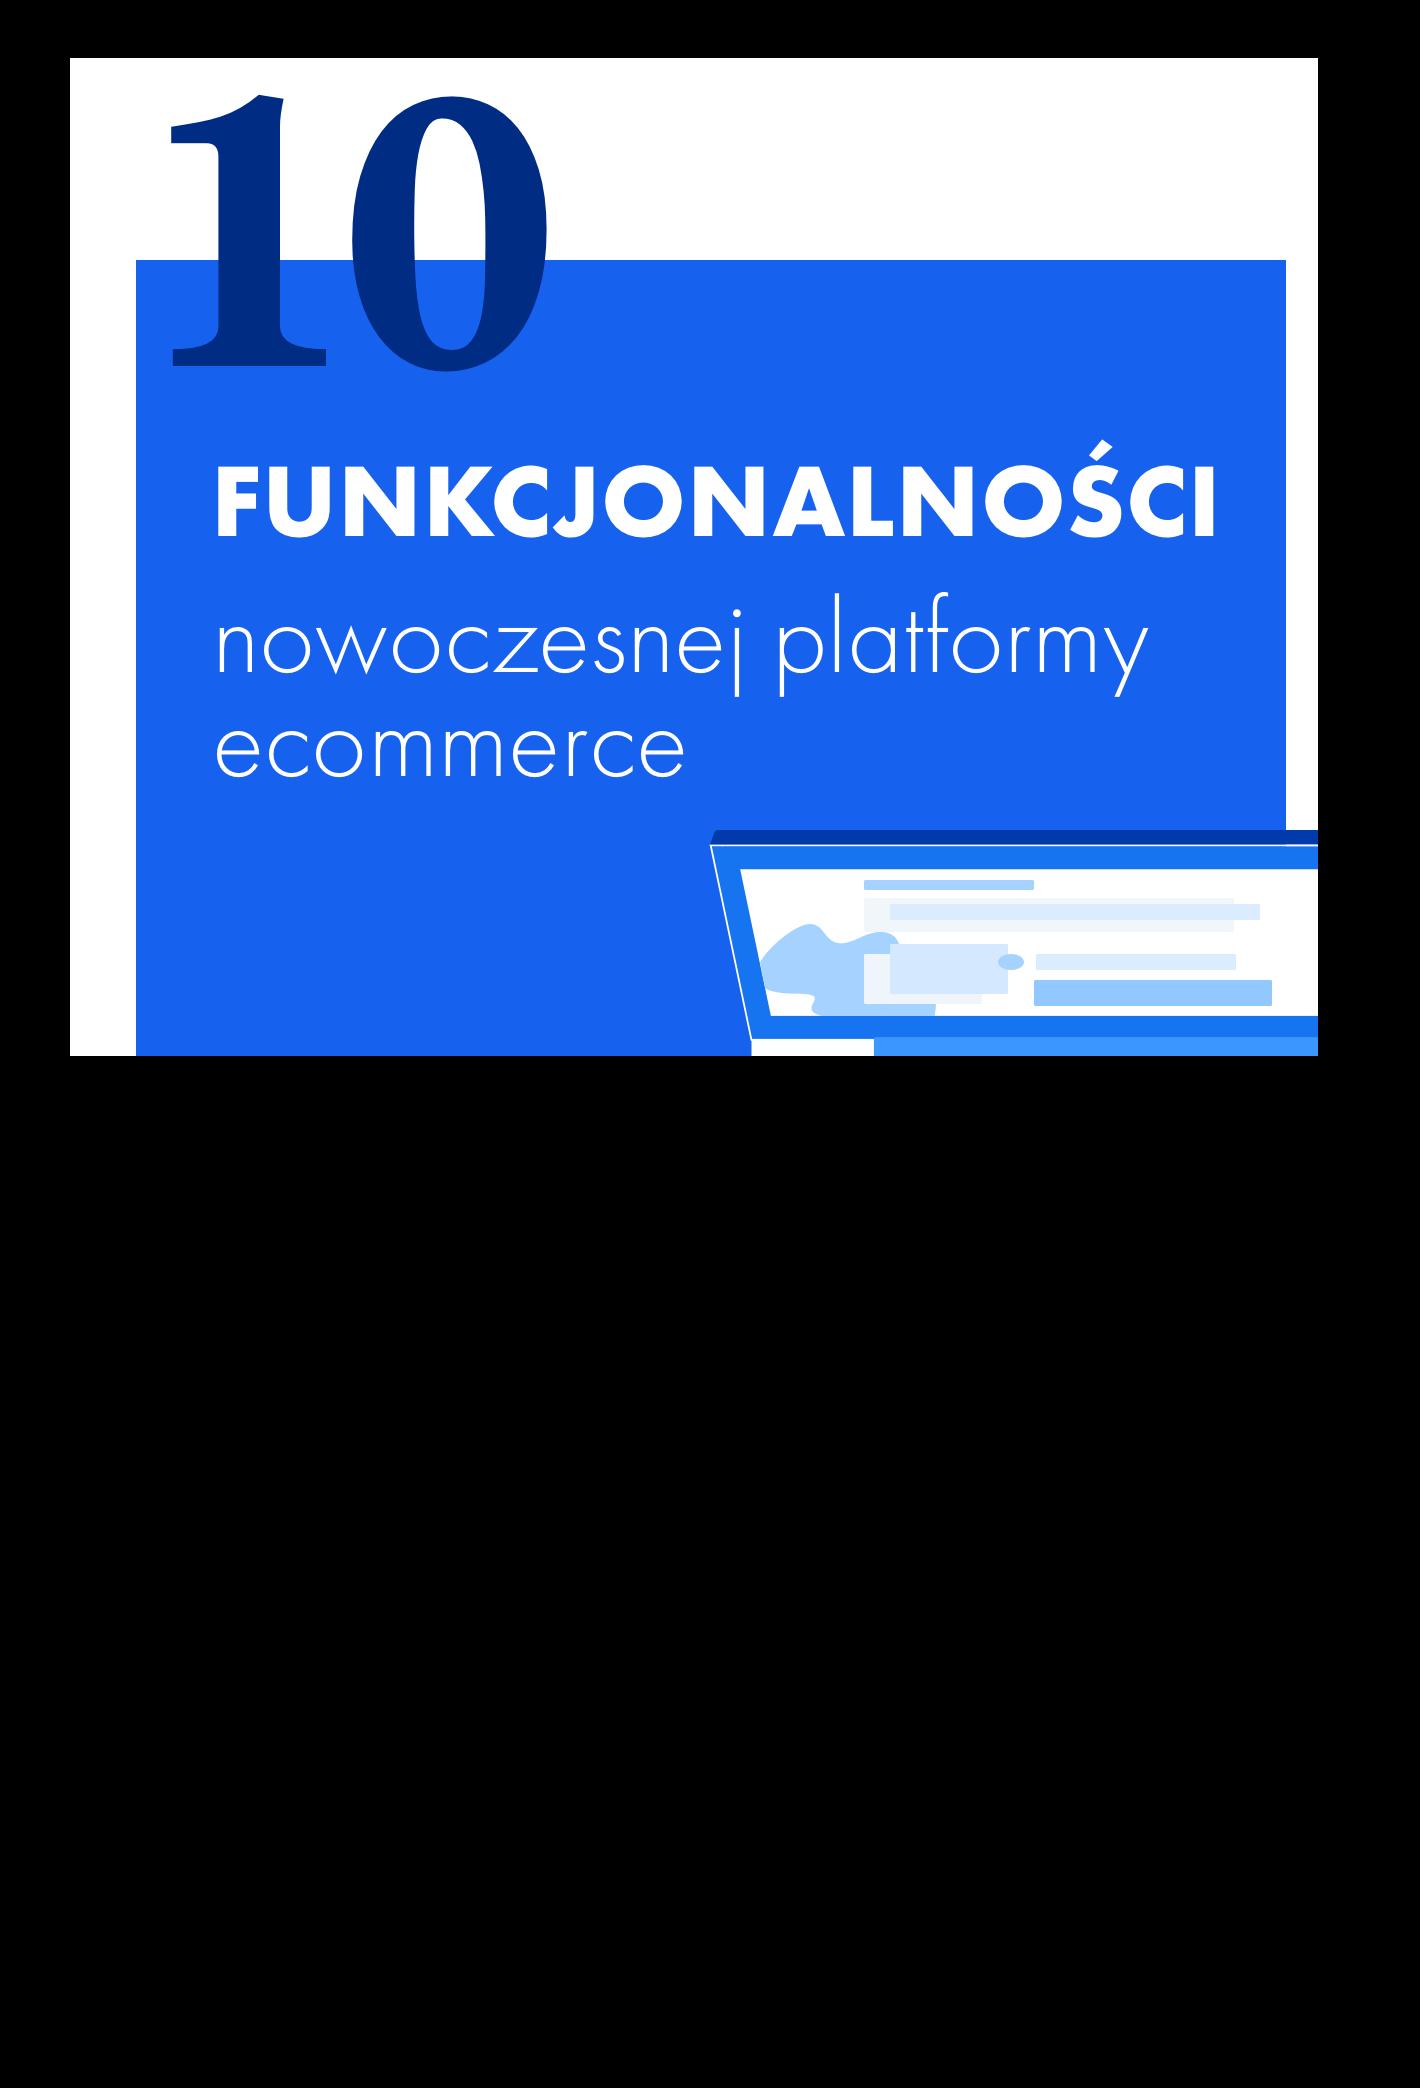 <https://web.shoplo.io/pobierz/10-funkcjonalnosci-nowoczesnej-platformy-ecommerce> 10 Funkcjonalności Platformy Ecommerce  Na co zwracać uwagę wybierając platformę dla sklepu Pobierz  <https://web.shoplo.io/pobierz/10-funkcjonalnosci-nowoczesnej-platformy-ecommerce>